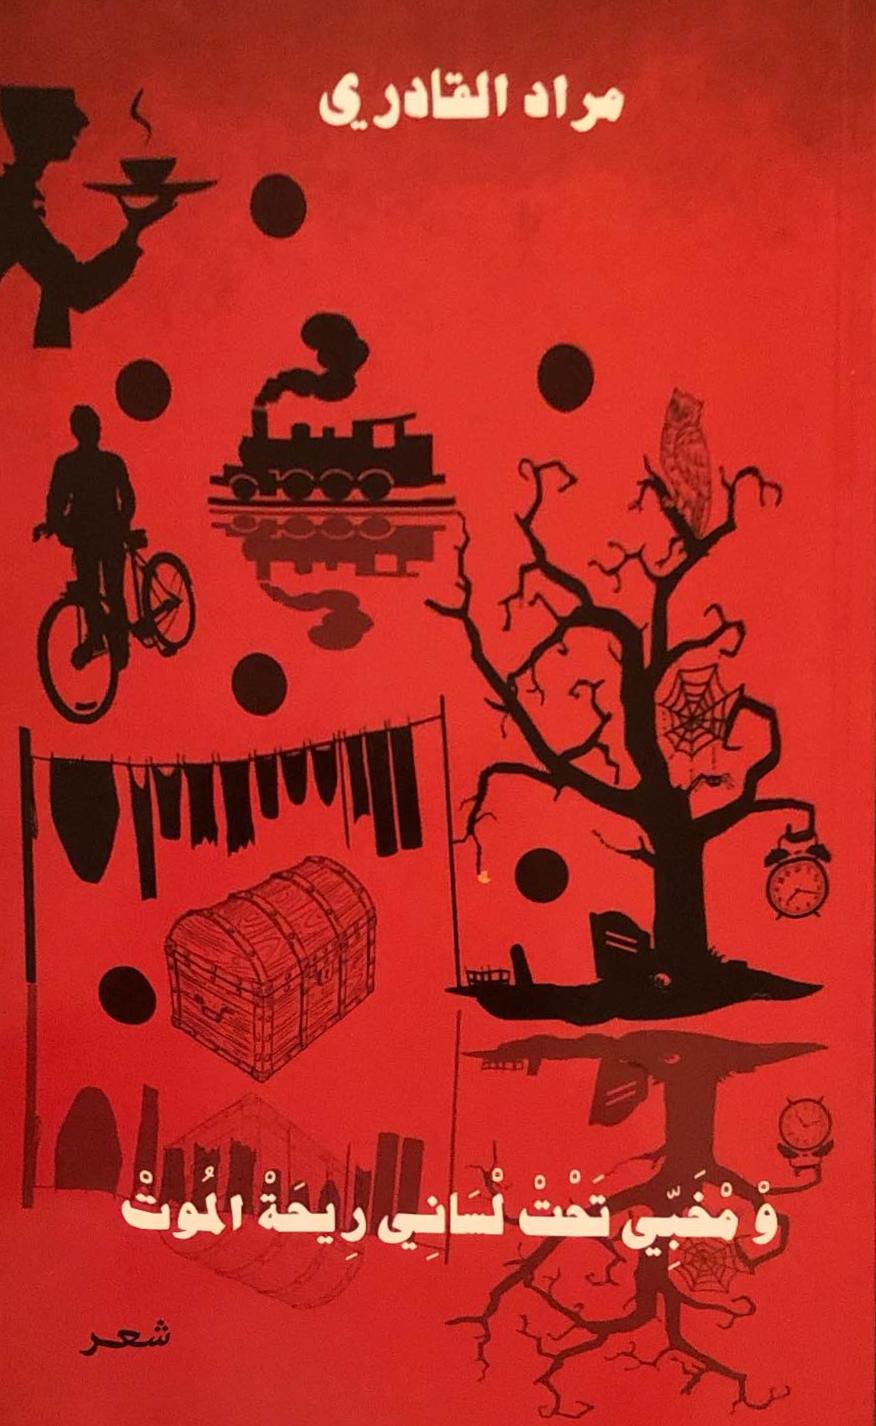 إصدار ديوان جديد للشاعر مراد القادري